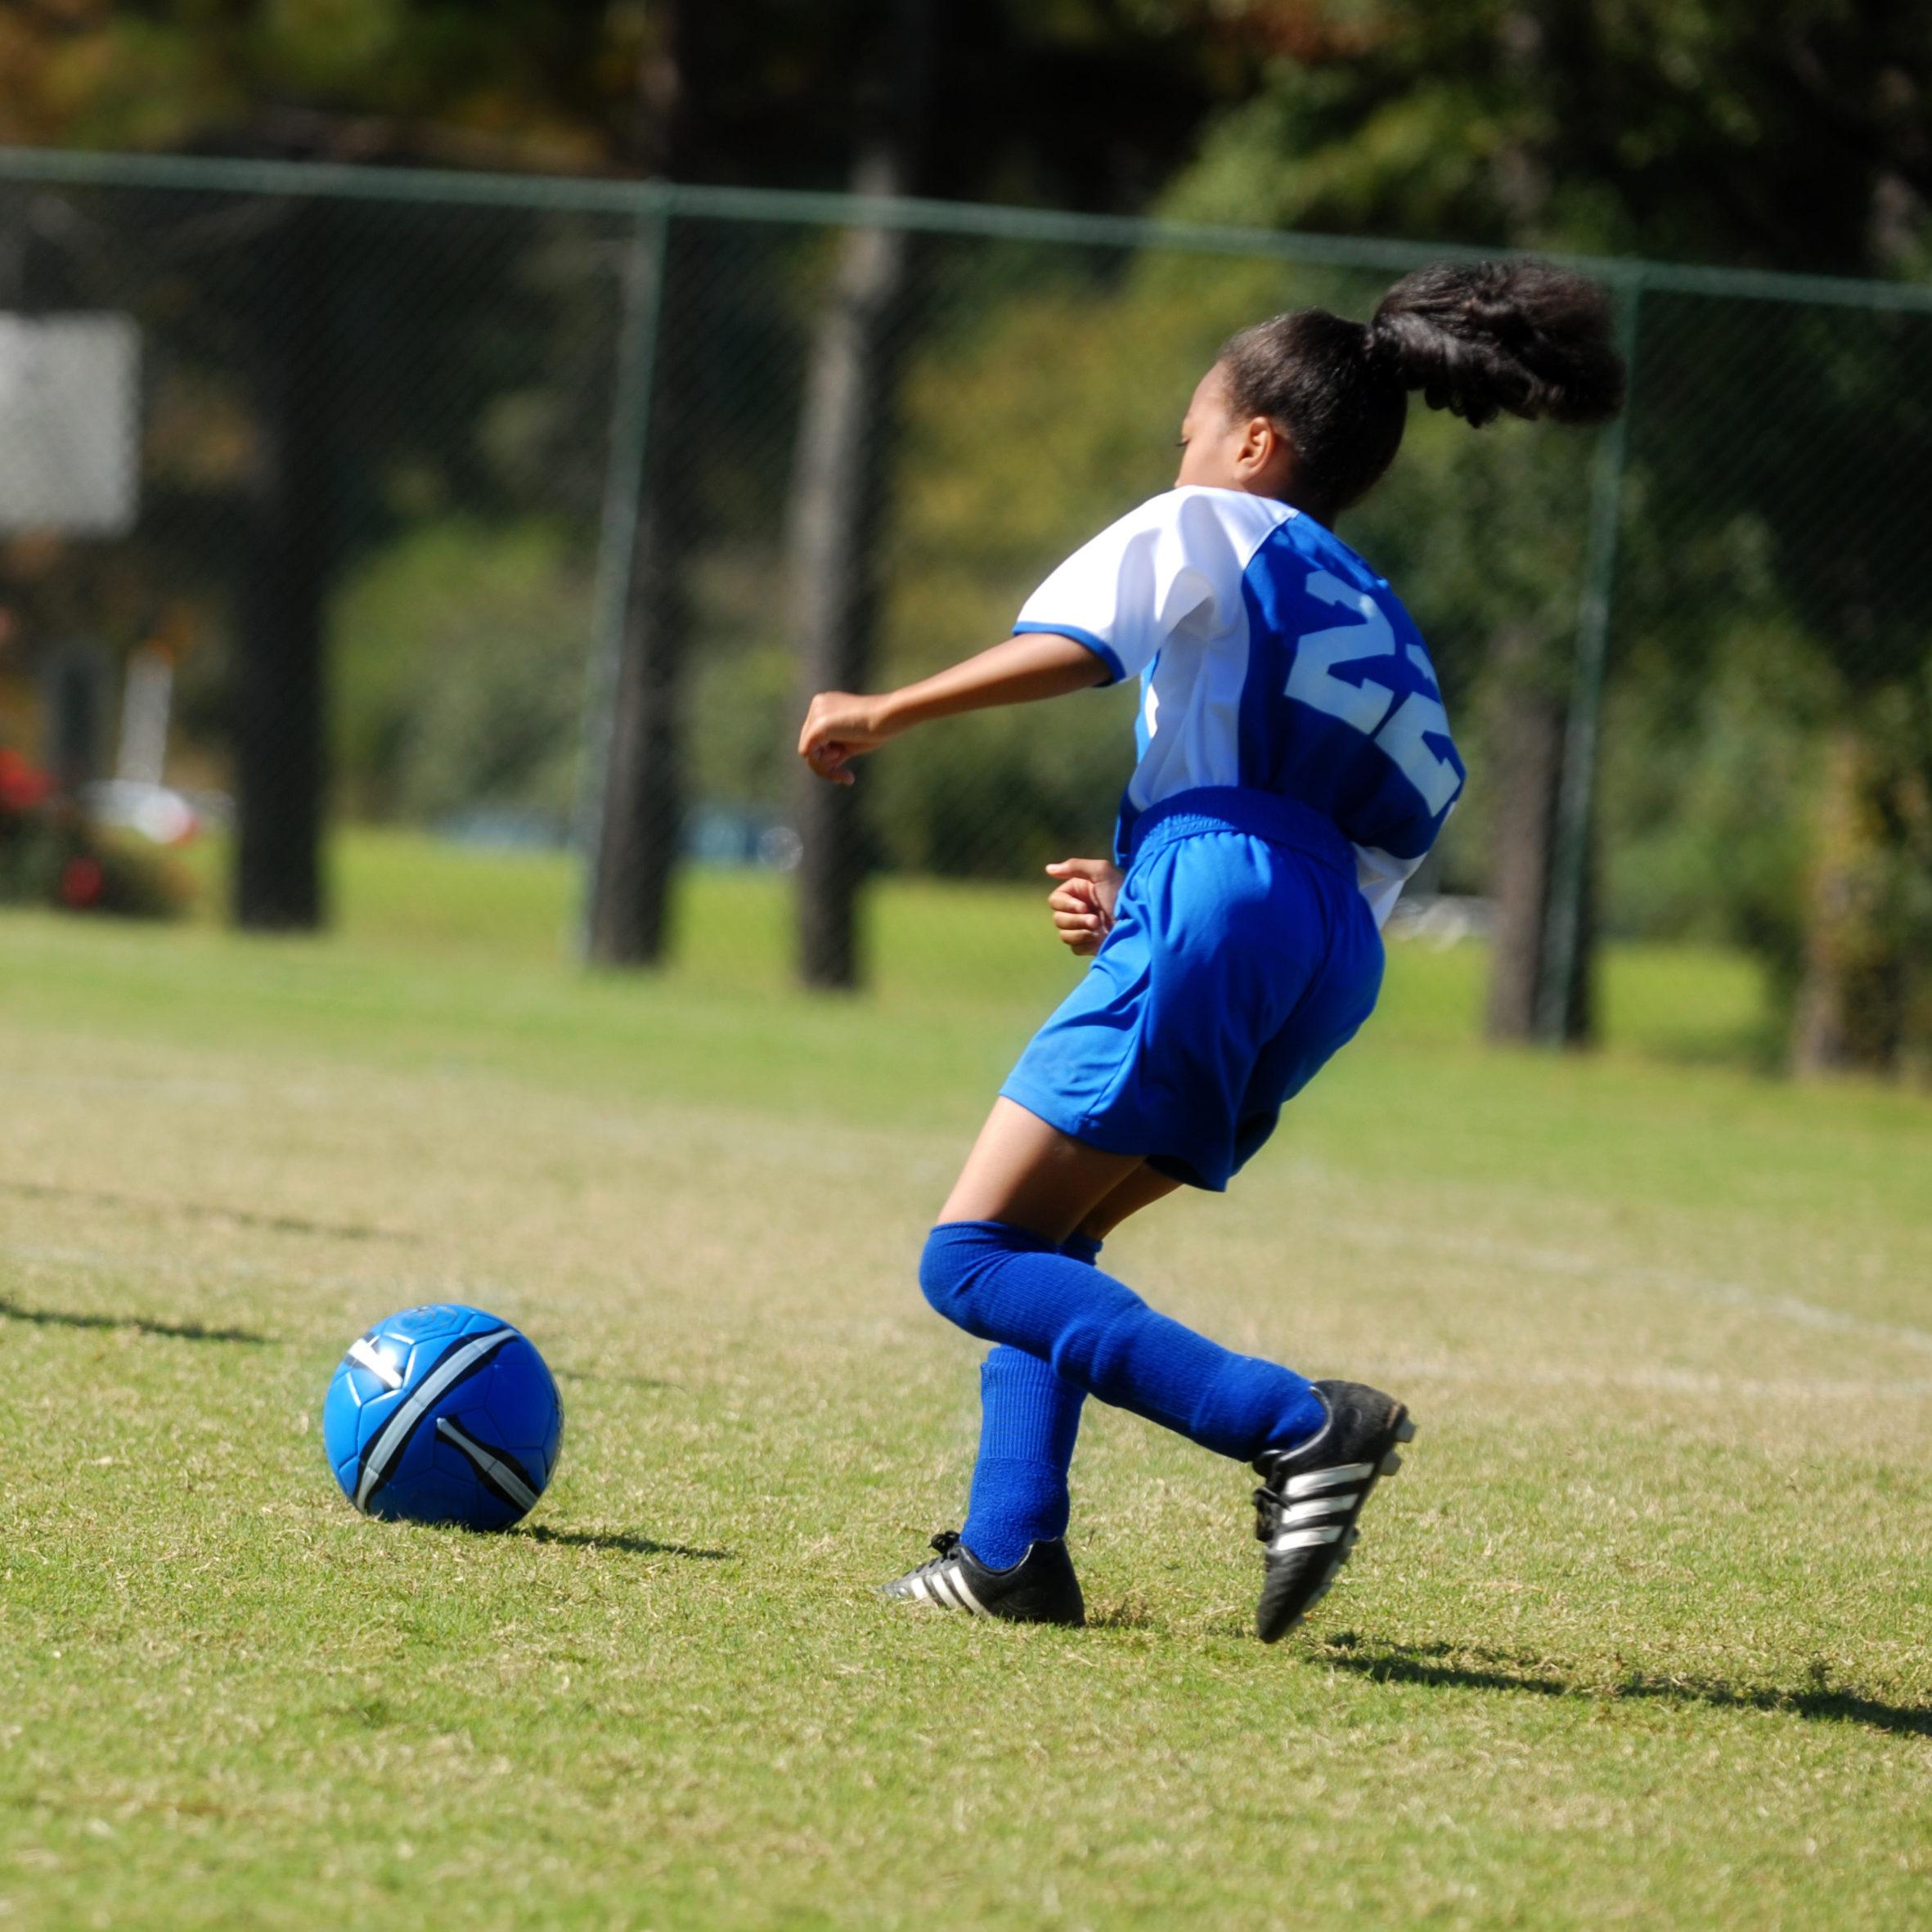 Soccer-Girl.Blue-Jersey-e1494850100933.jpeg